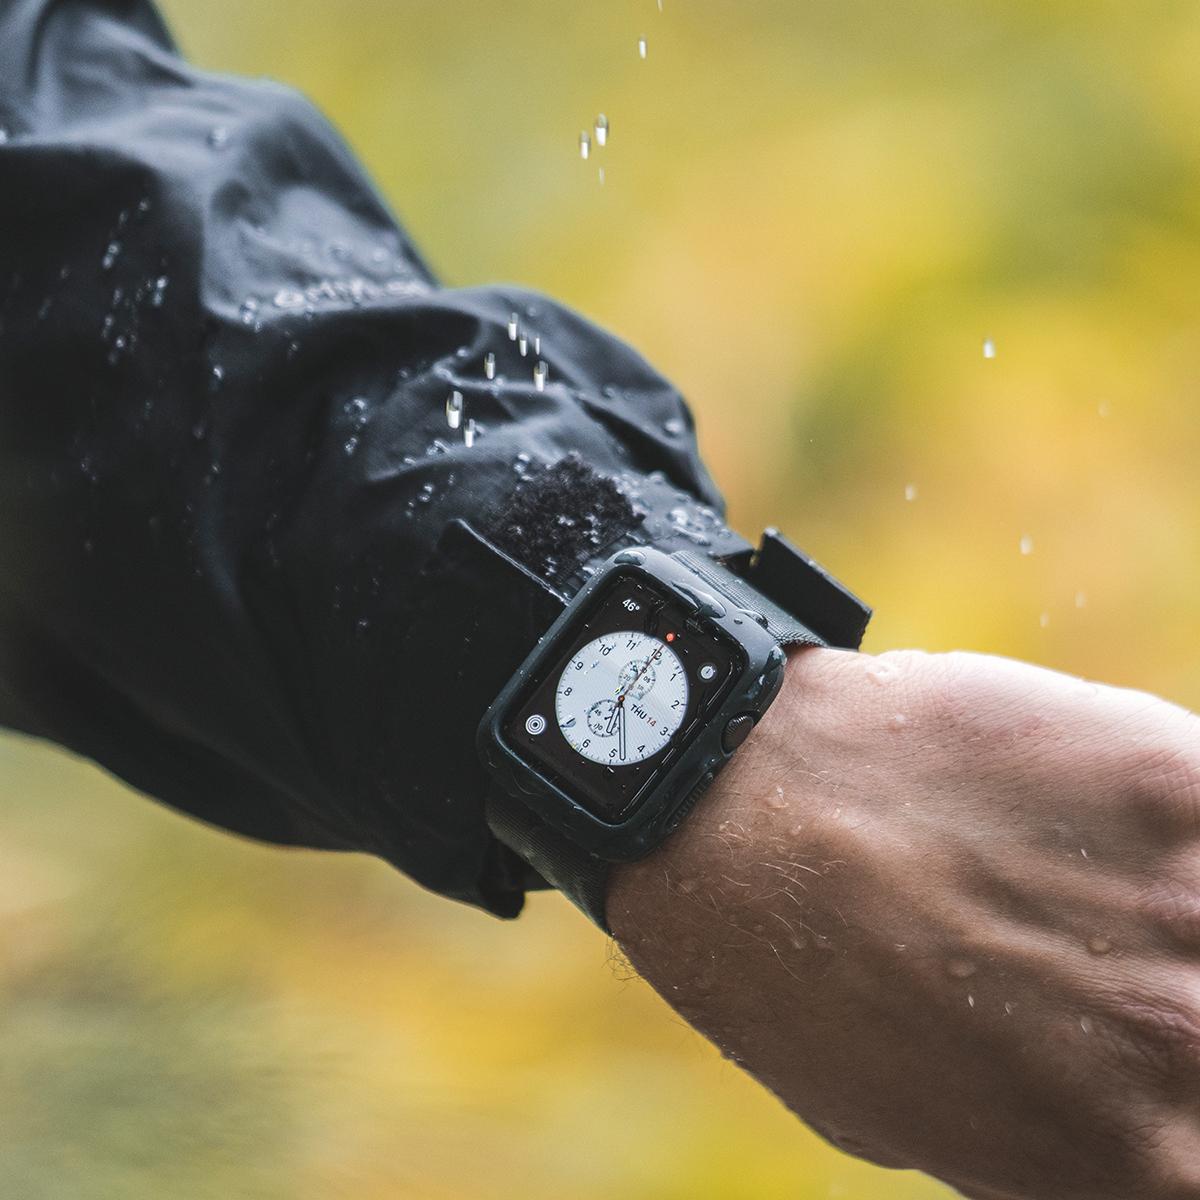 登山やキャンプなど、アクティブな旅のお供にぴったり。落下・衝撃・水濡れに強い、タフケース一体型Apple Watchバンド|LANDER Moab case+Band